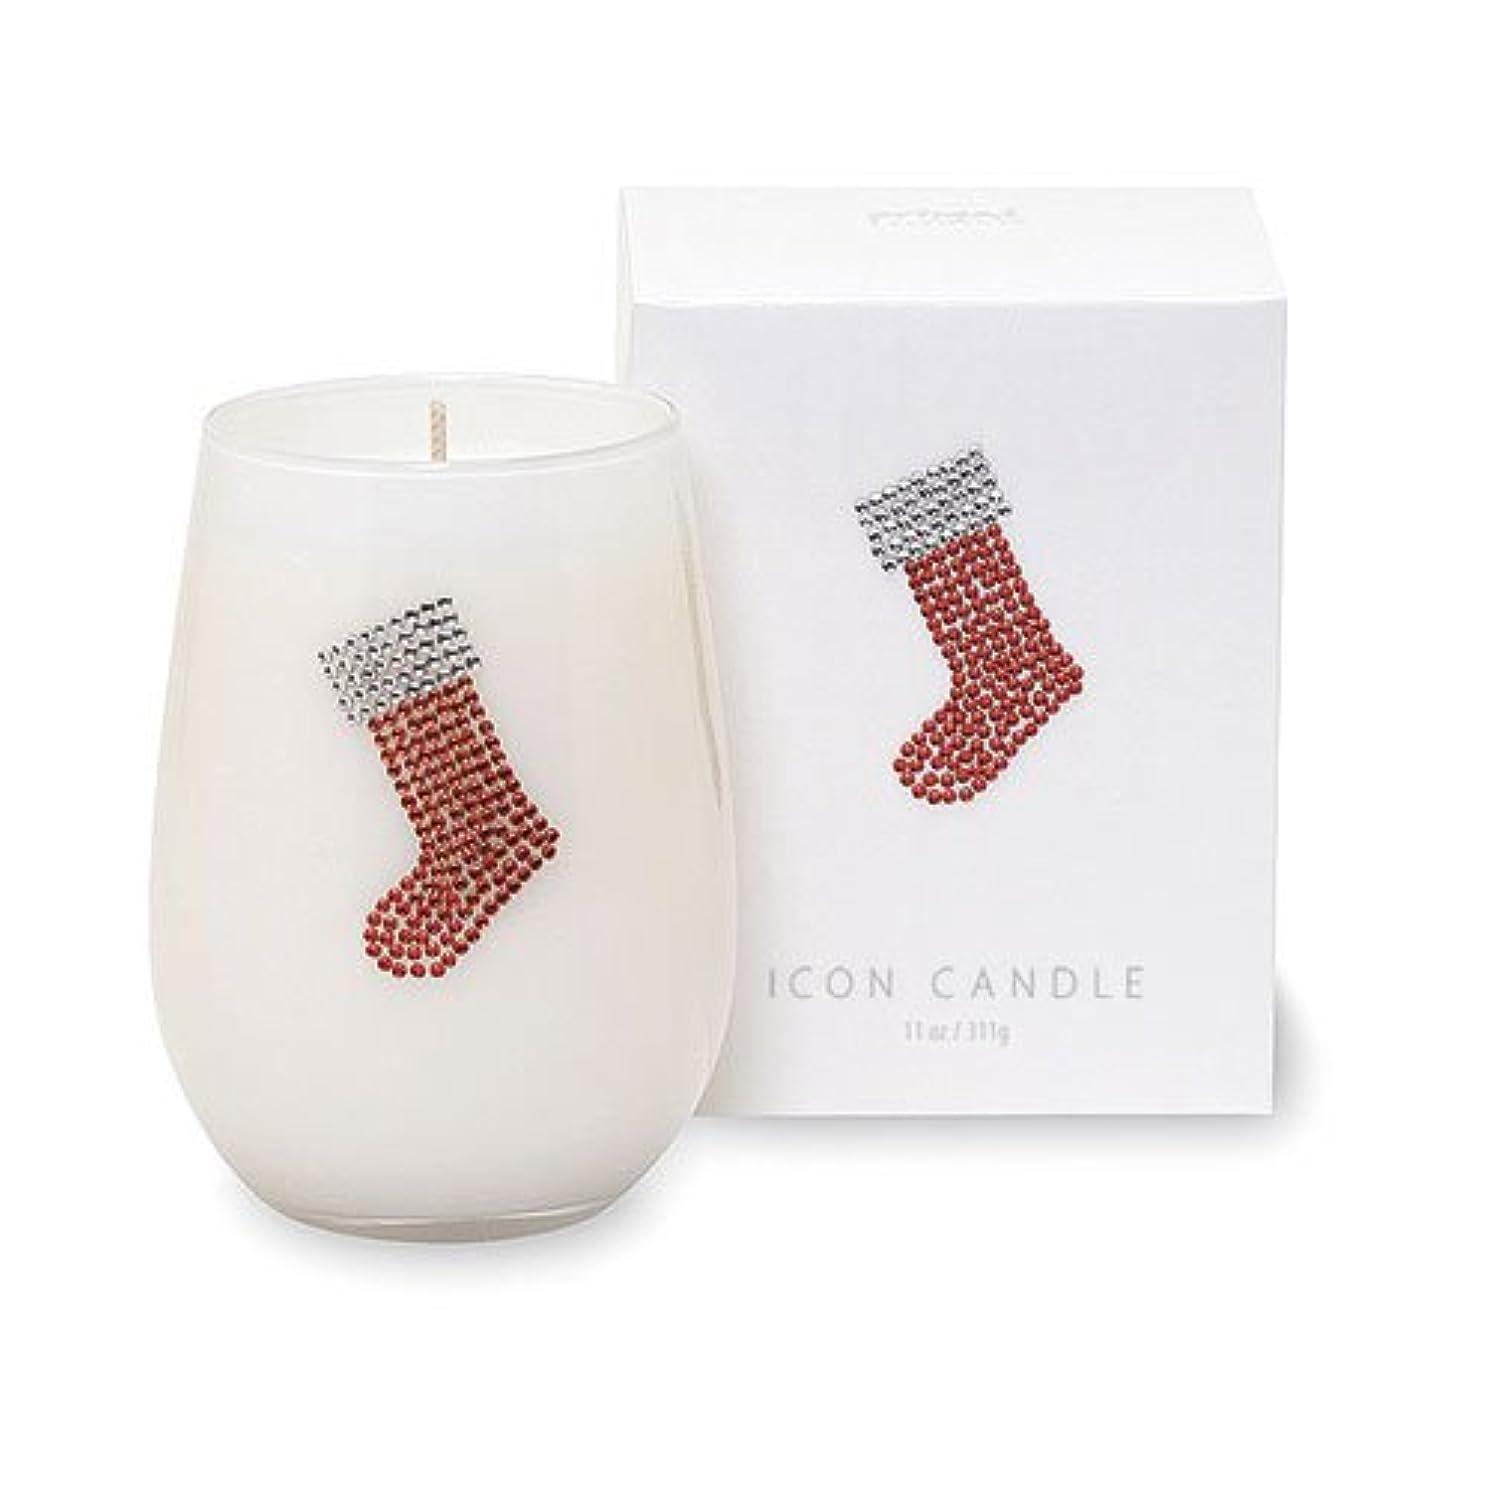 好奇心フォーマットトレイクリスマスアイコンキャンドル/くつ下ウィンターミントの香り キャンドル